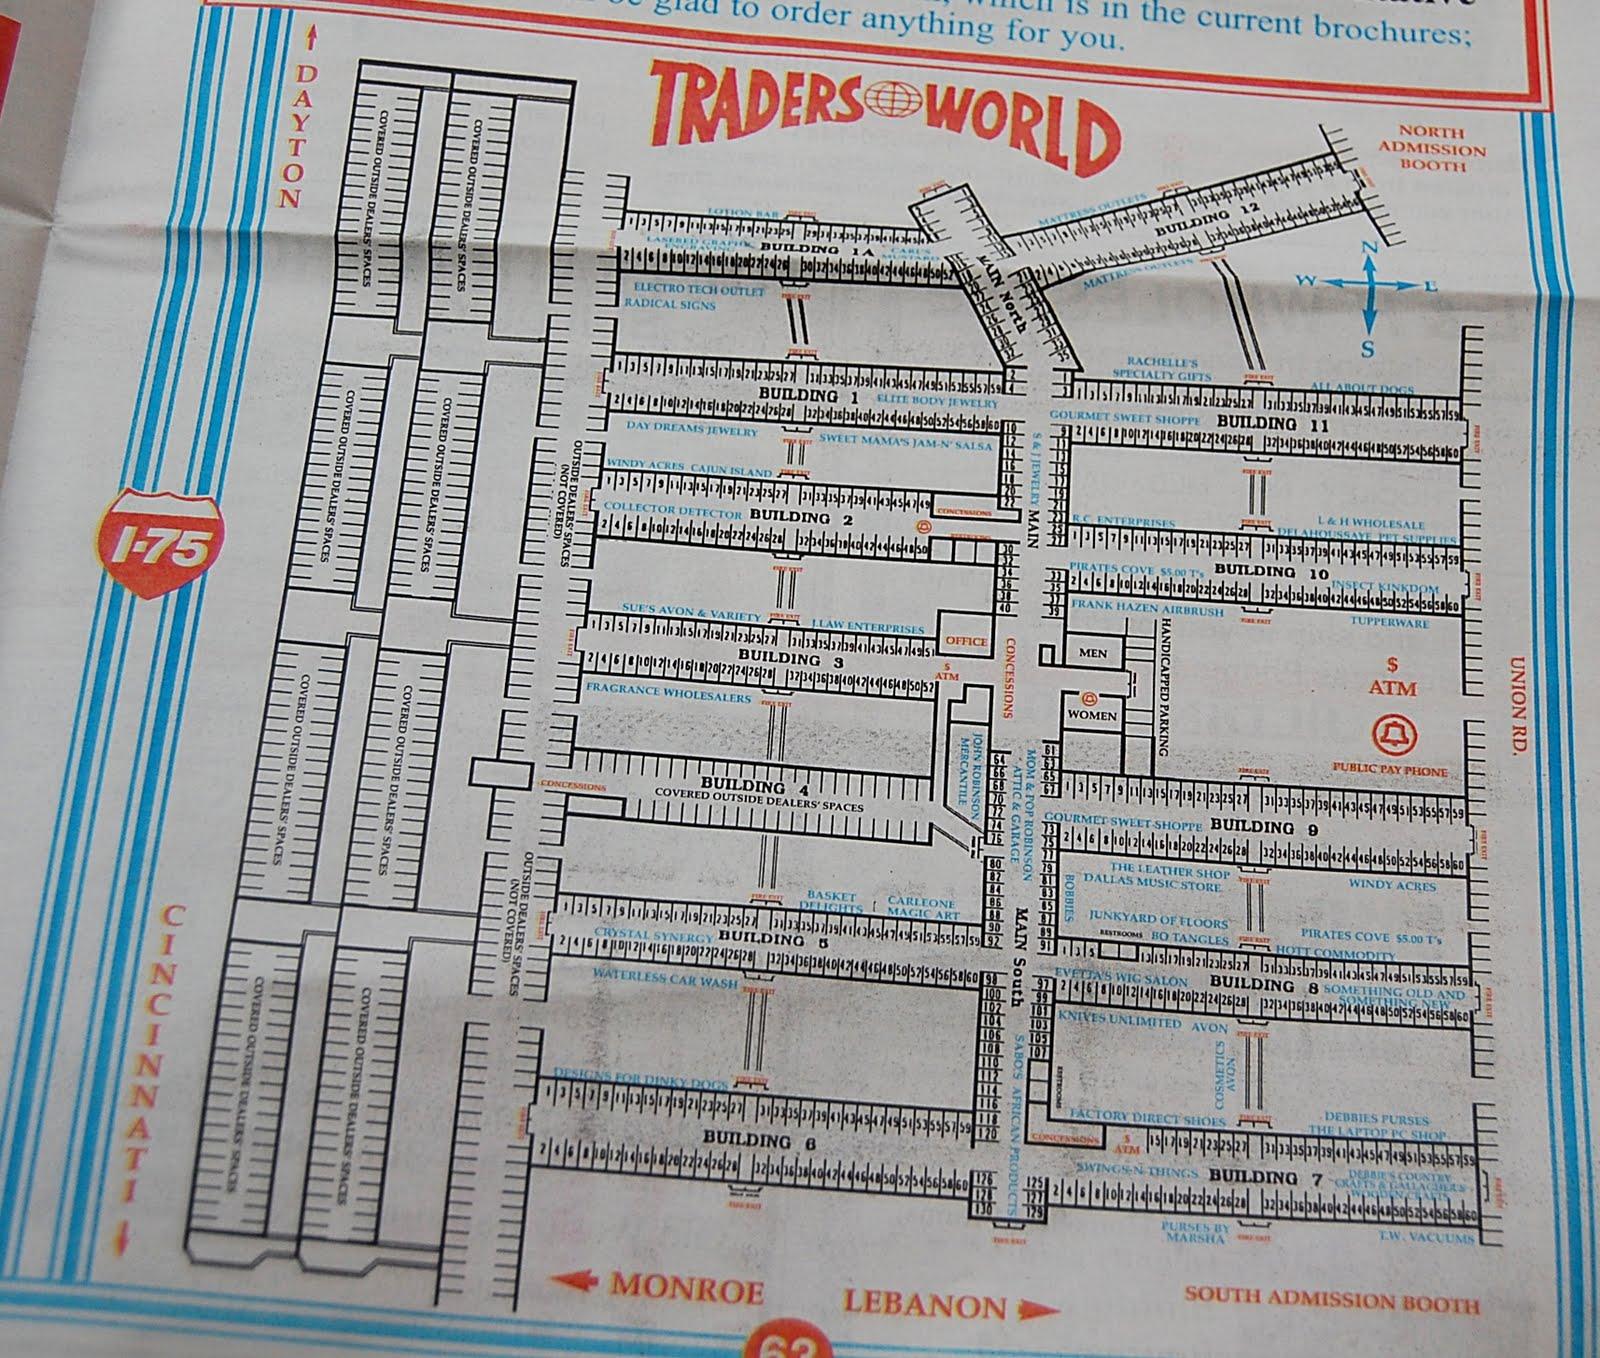 Trader world